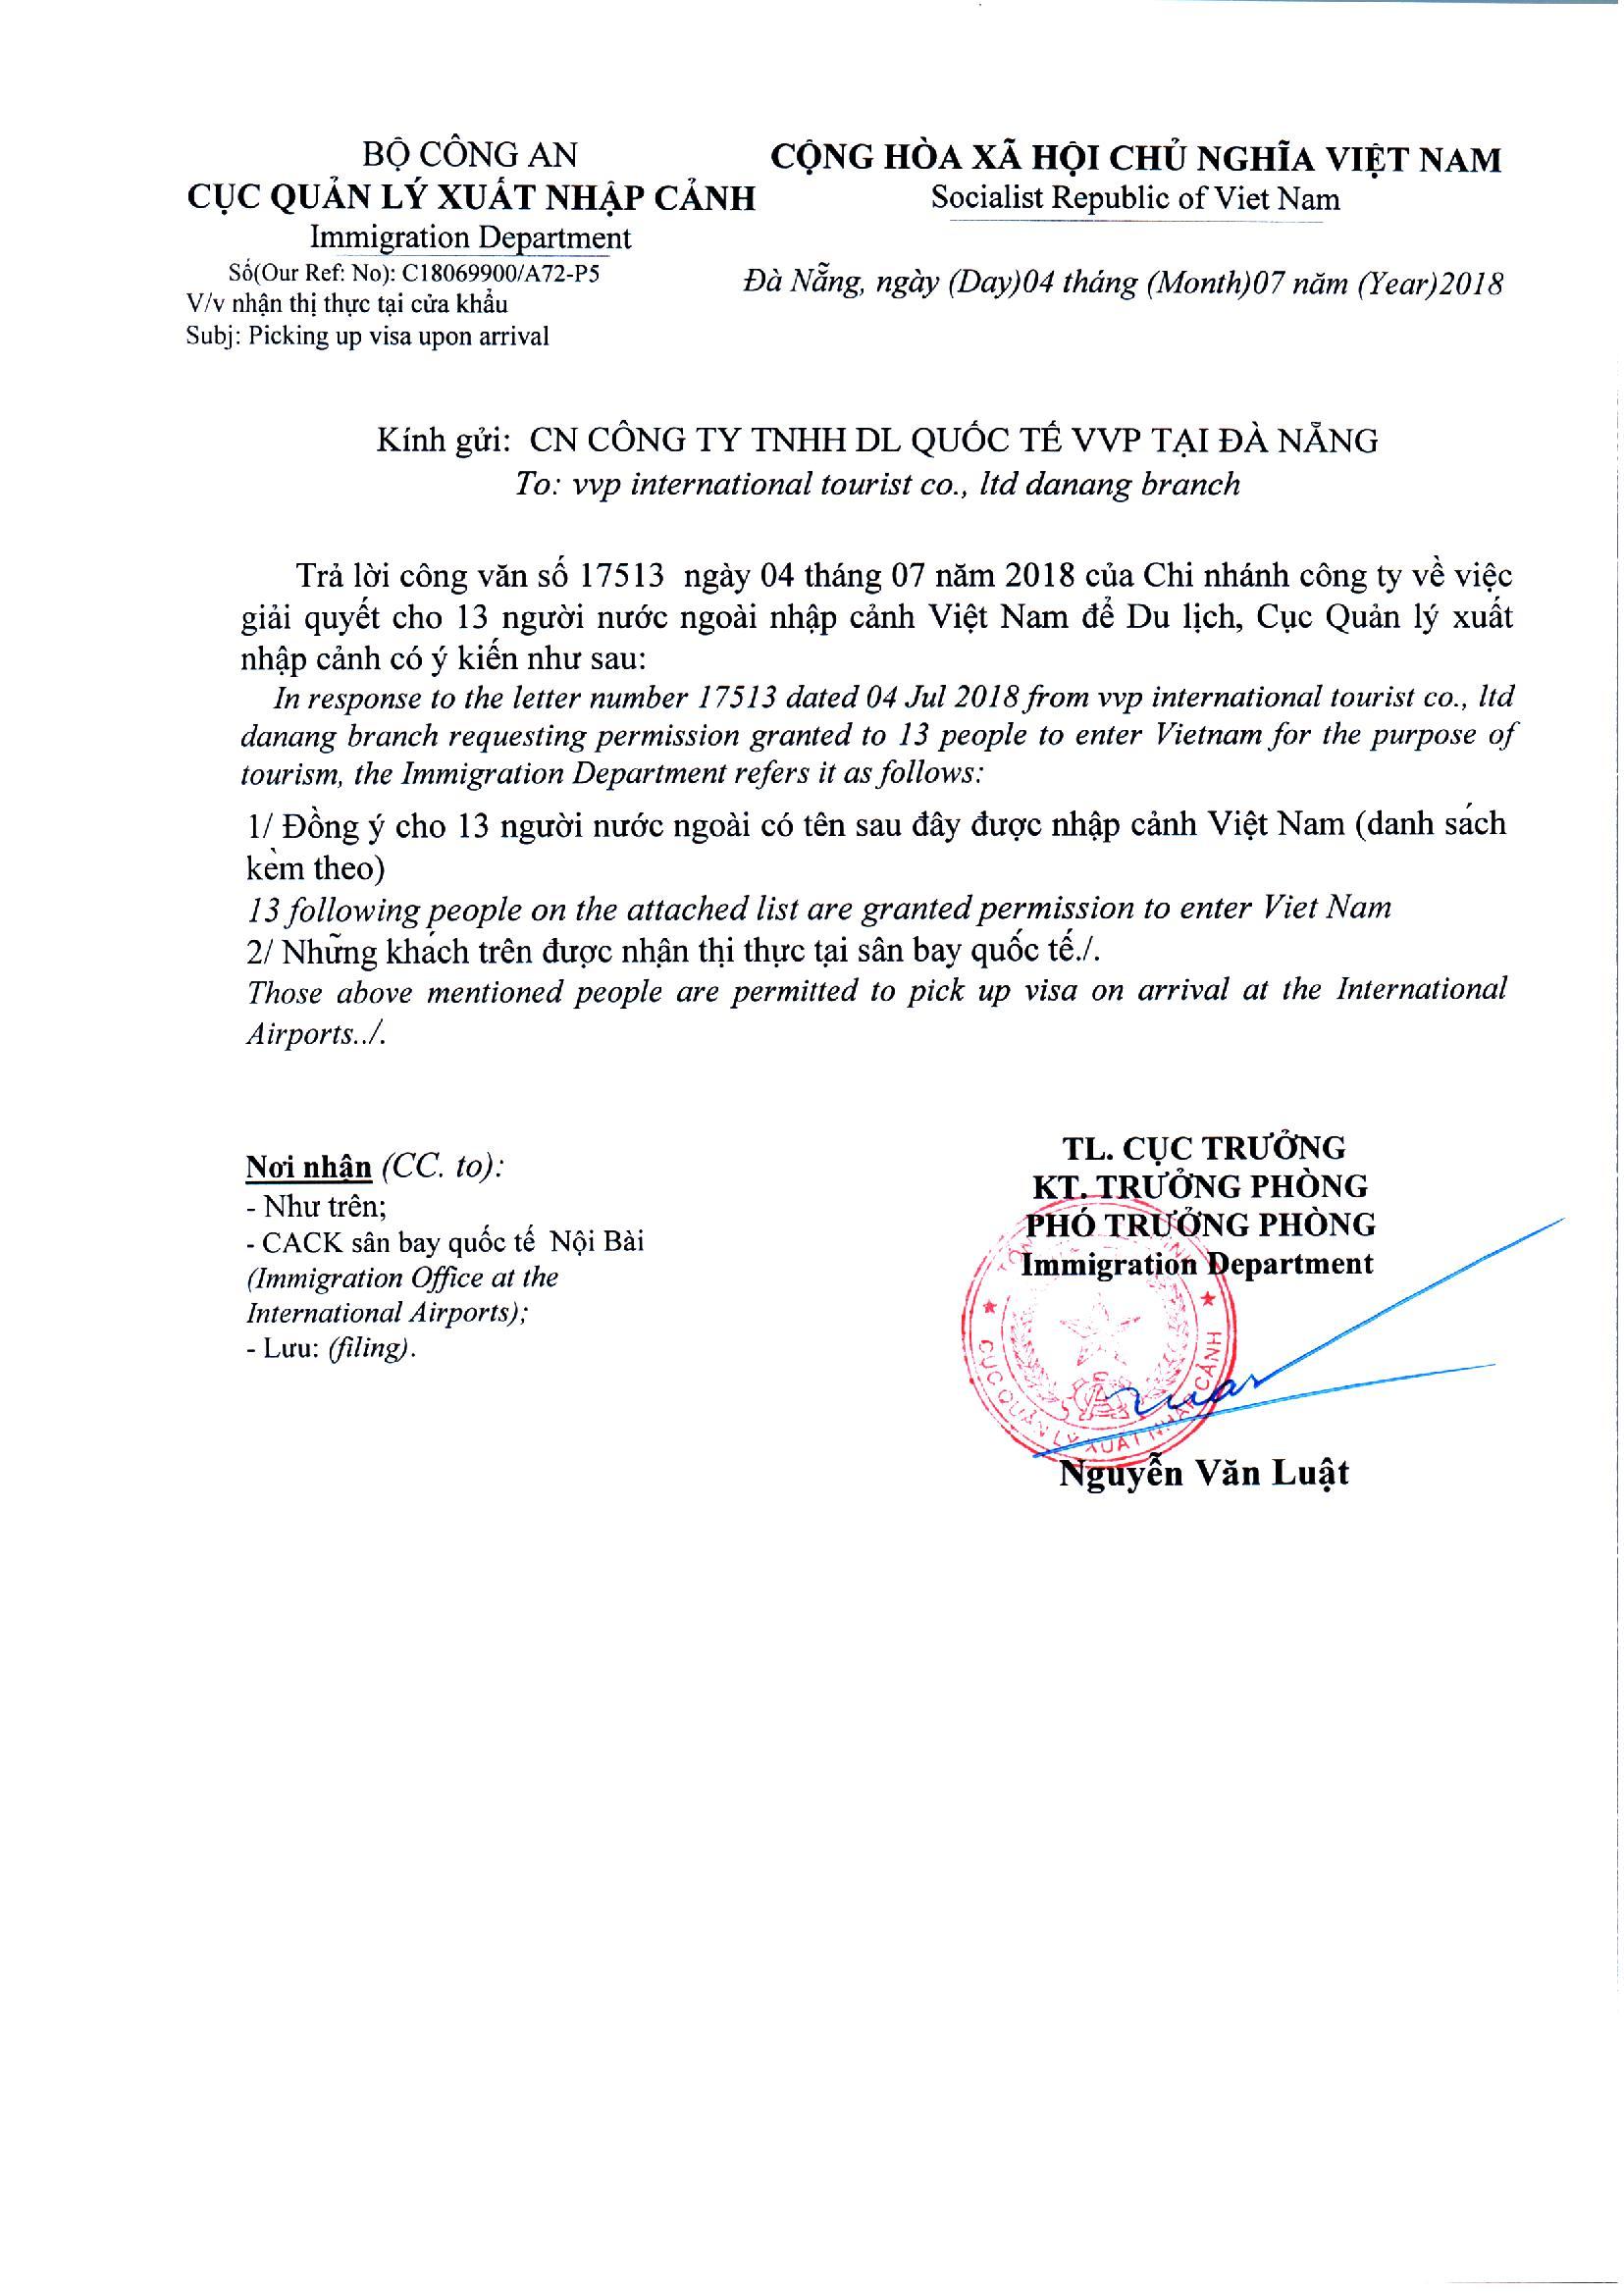 Как оформить визу во Вьетнам: Visa Approval Letter